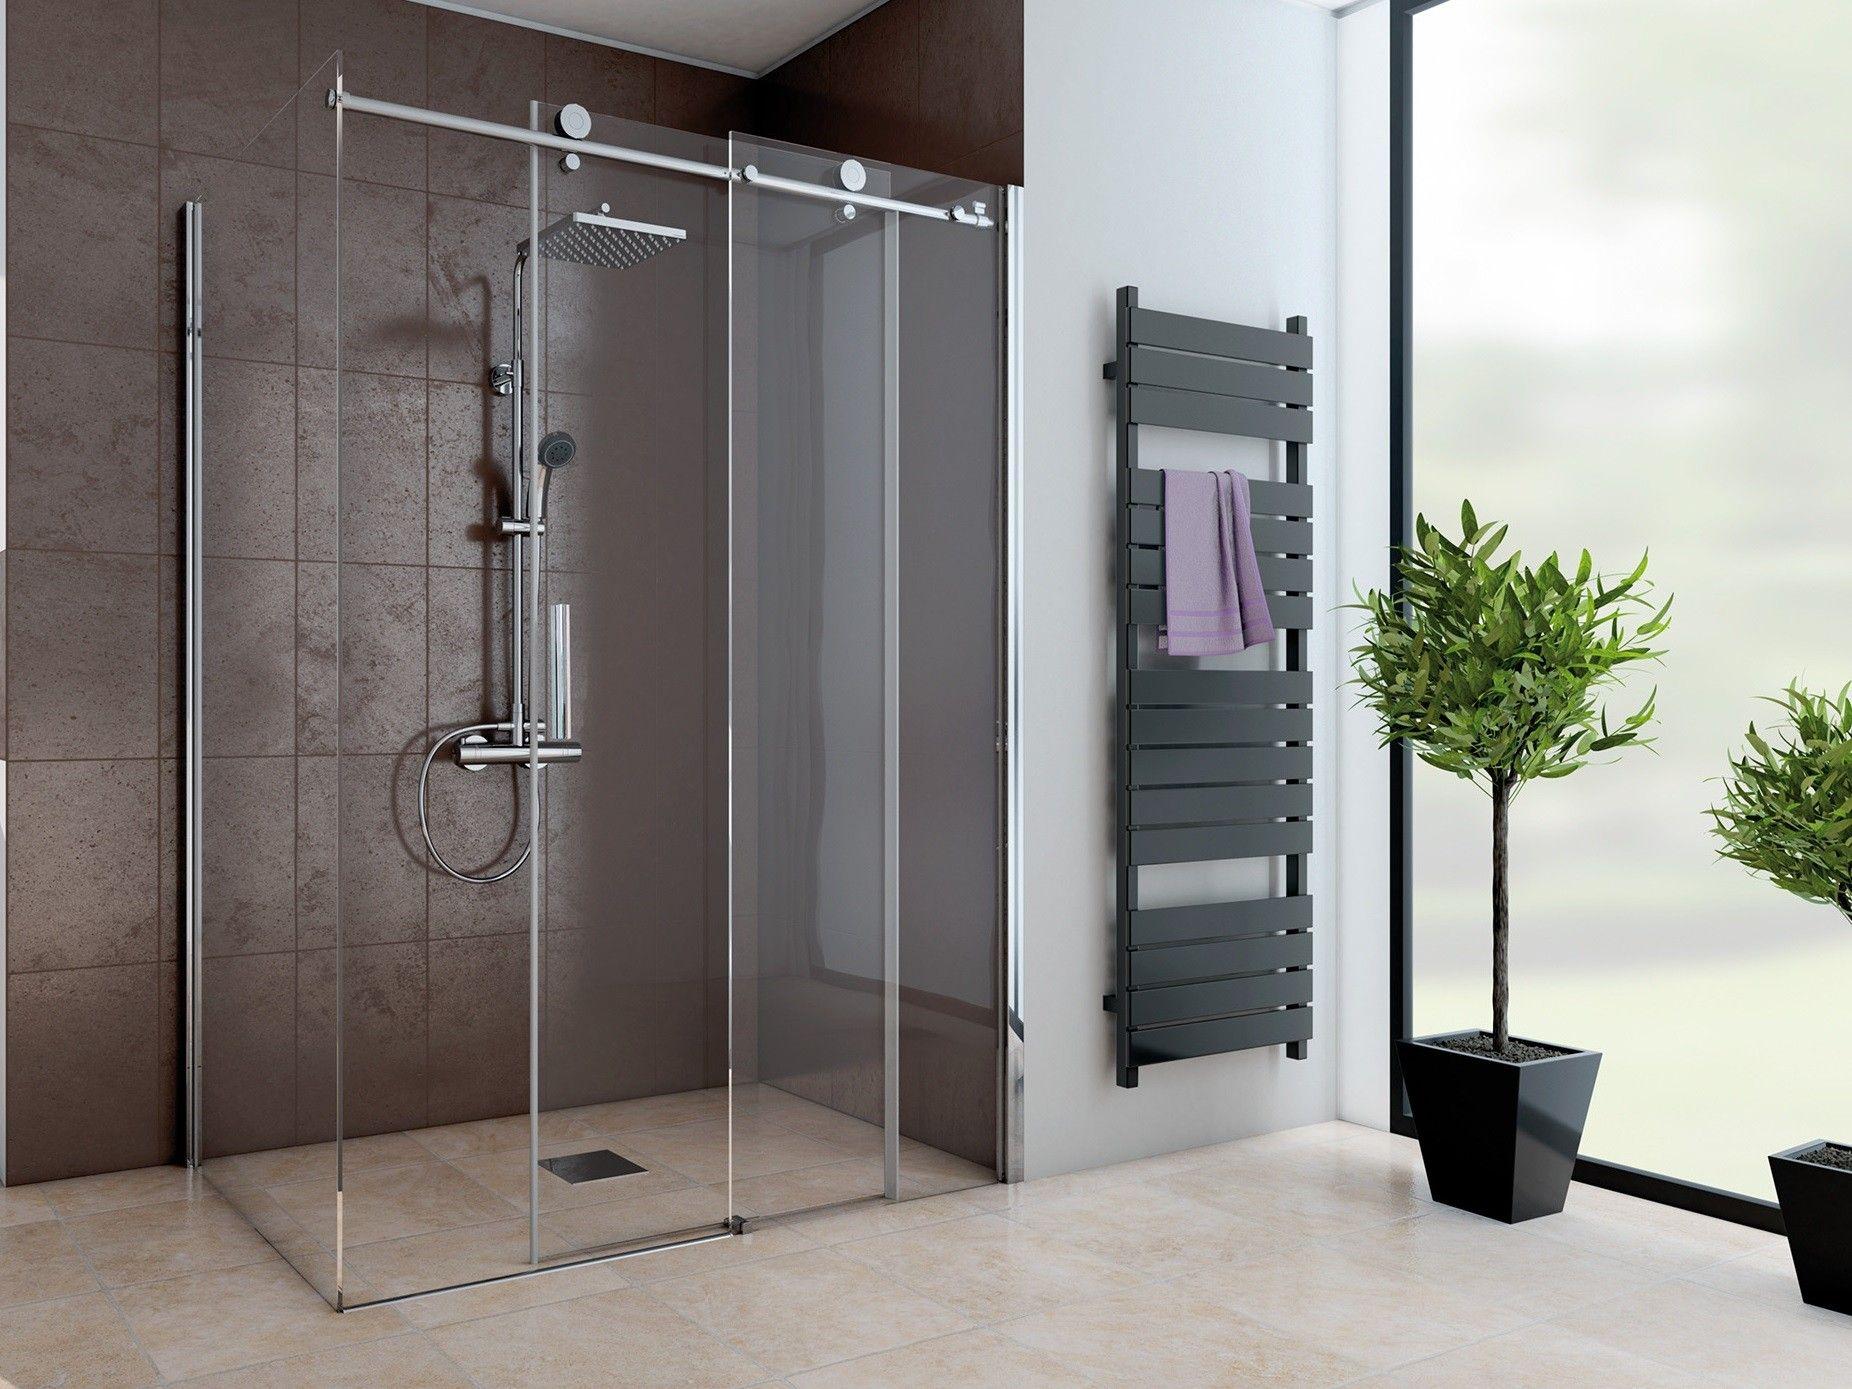 Duschen Schiebetur Dusche Fur Duschen Plus Mit Seitenwand